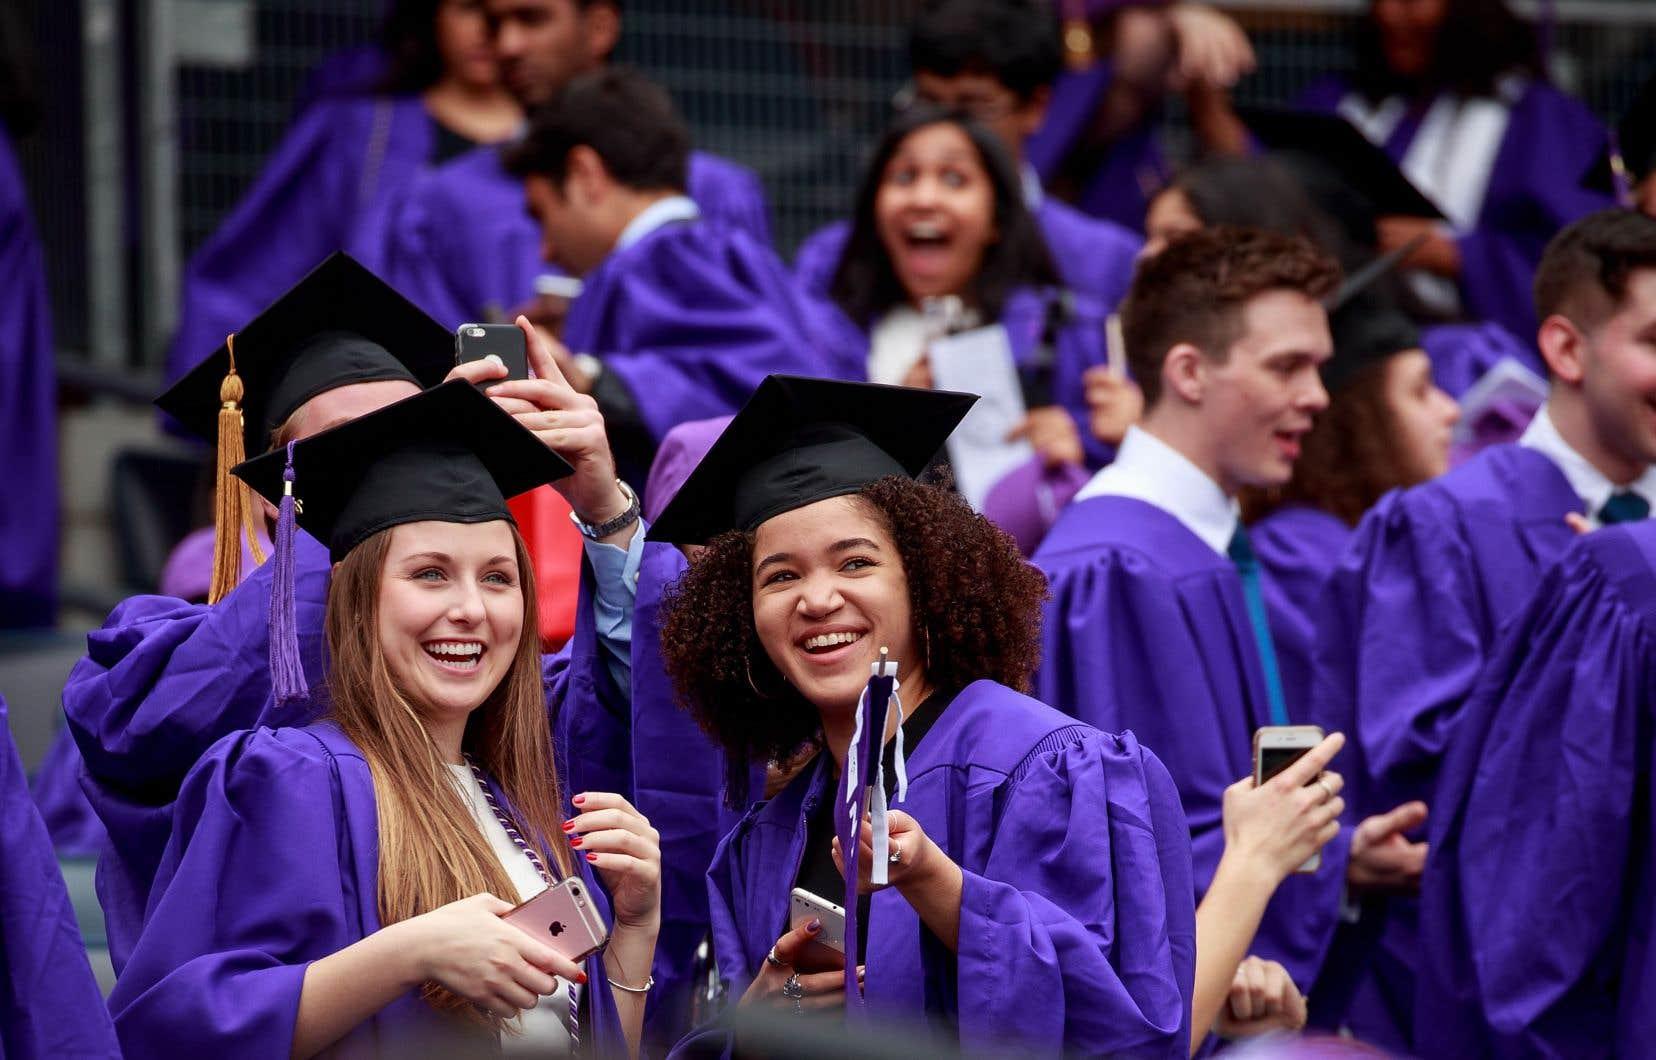 La dette moyenne des étudiants américains atteint pas moins de 30000$US.